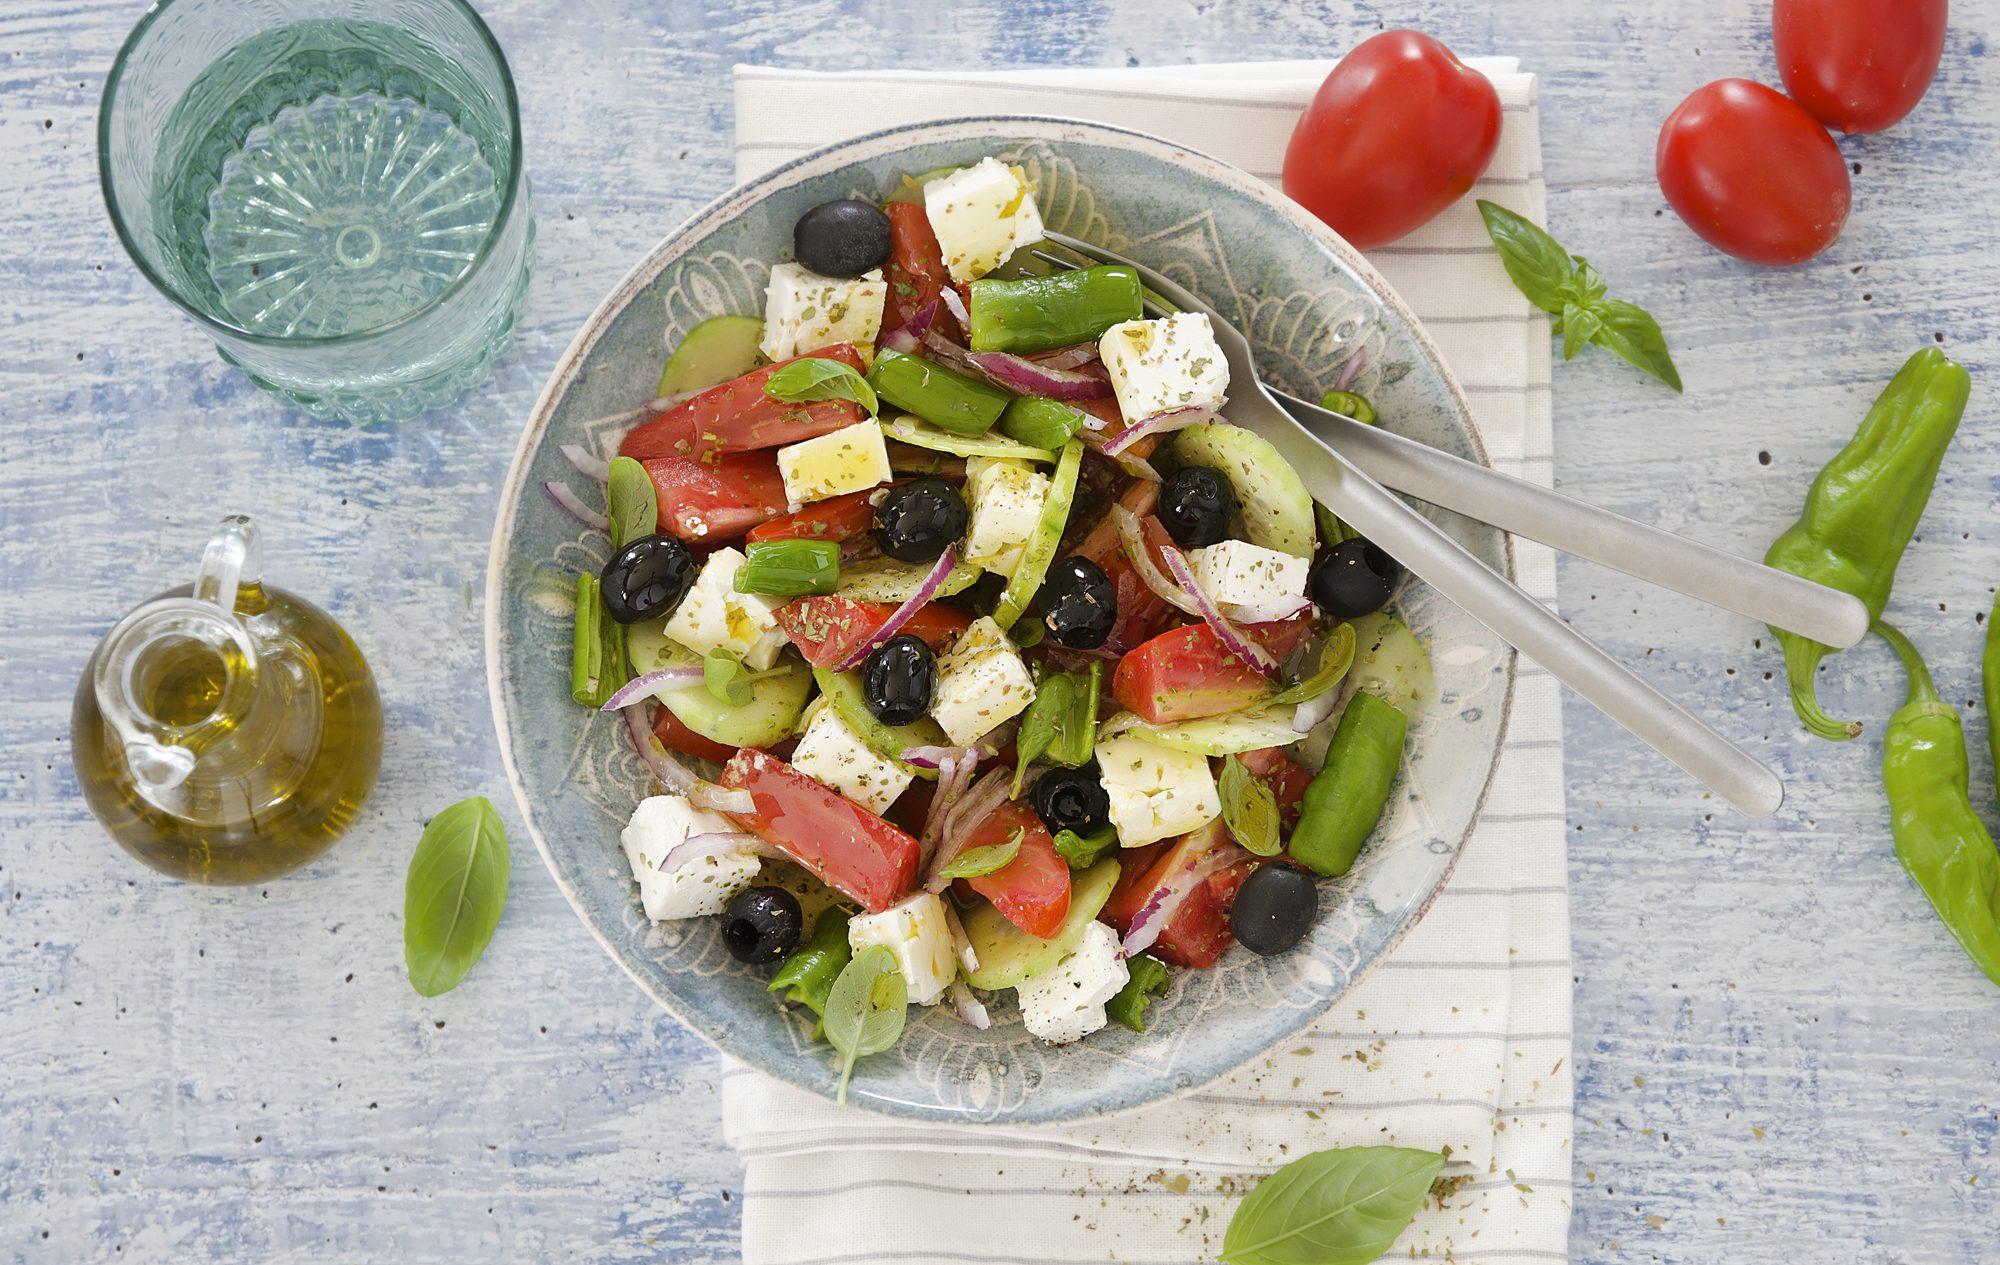 Insalata greca: la ricetta del piatto greco estivo e gustoso